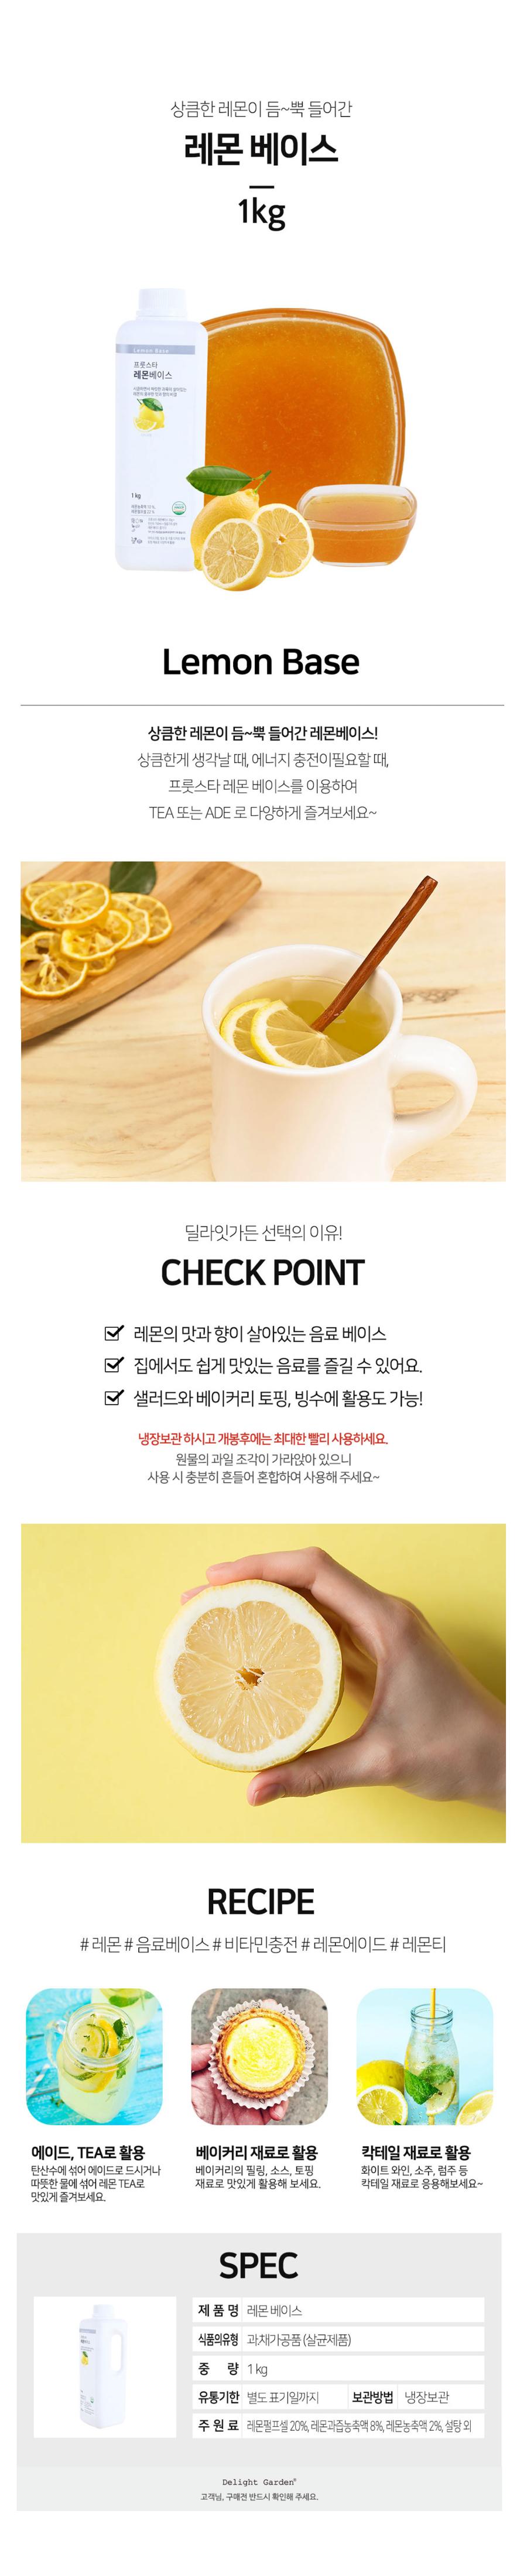 Lemon_Base